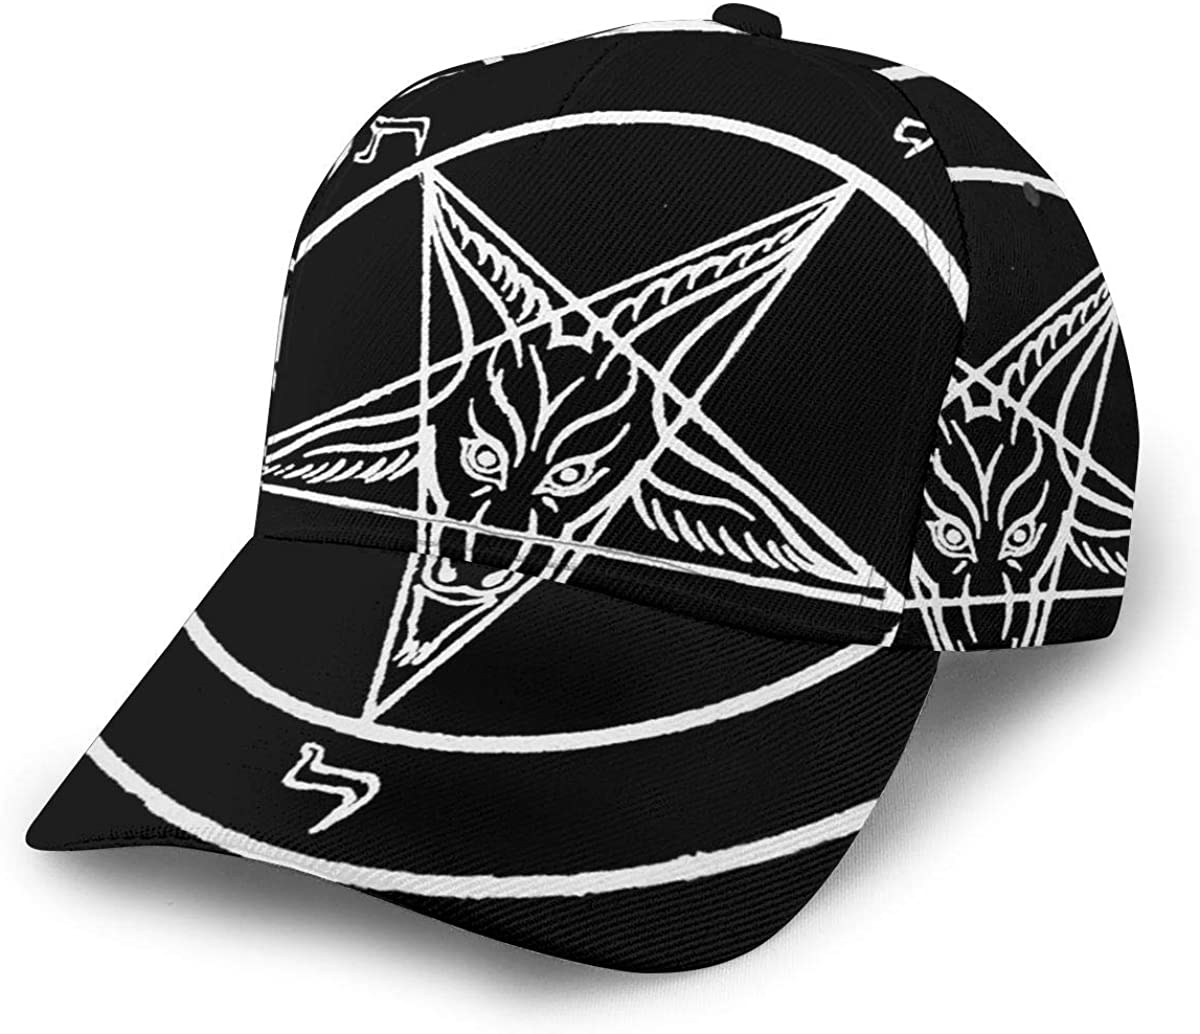 Men's Baseball Caps Adjustable Size Snapback-Cap Hip-Pop Cap Dad Cap